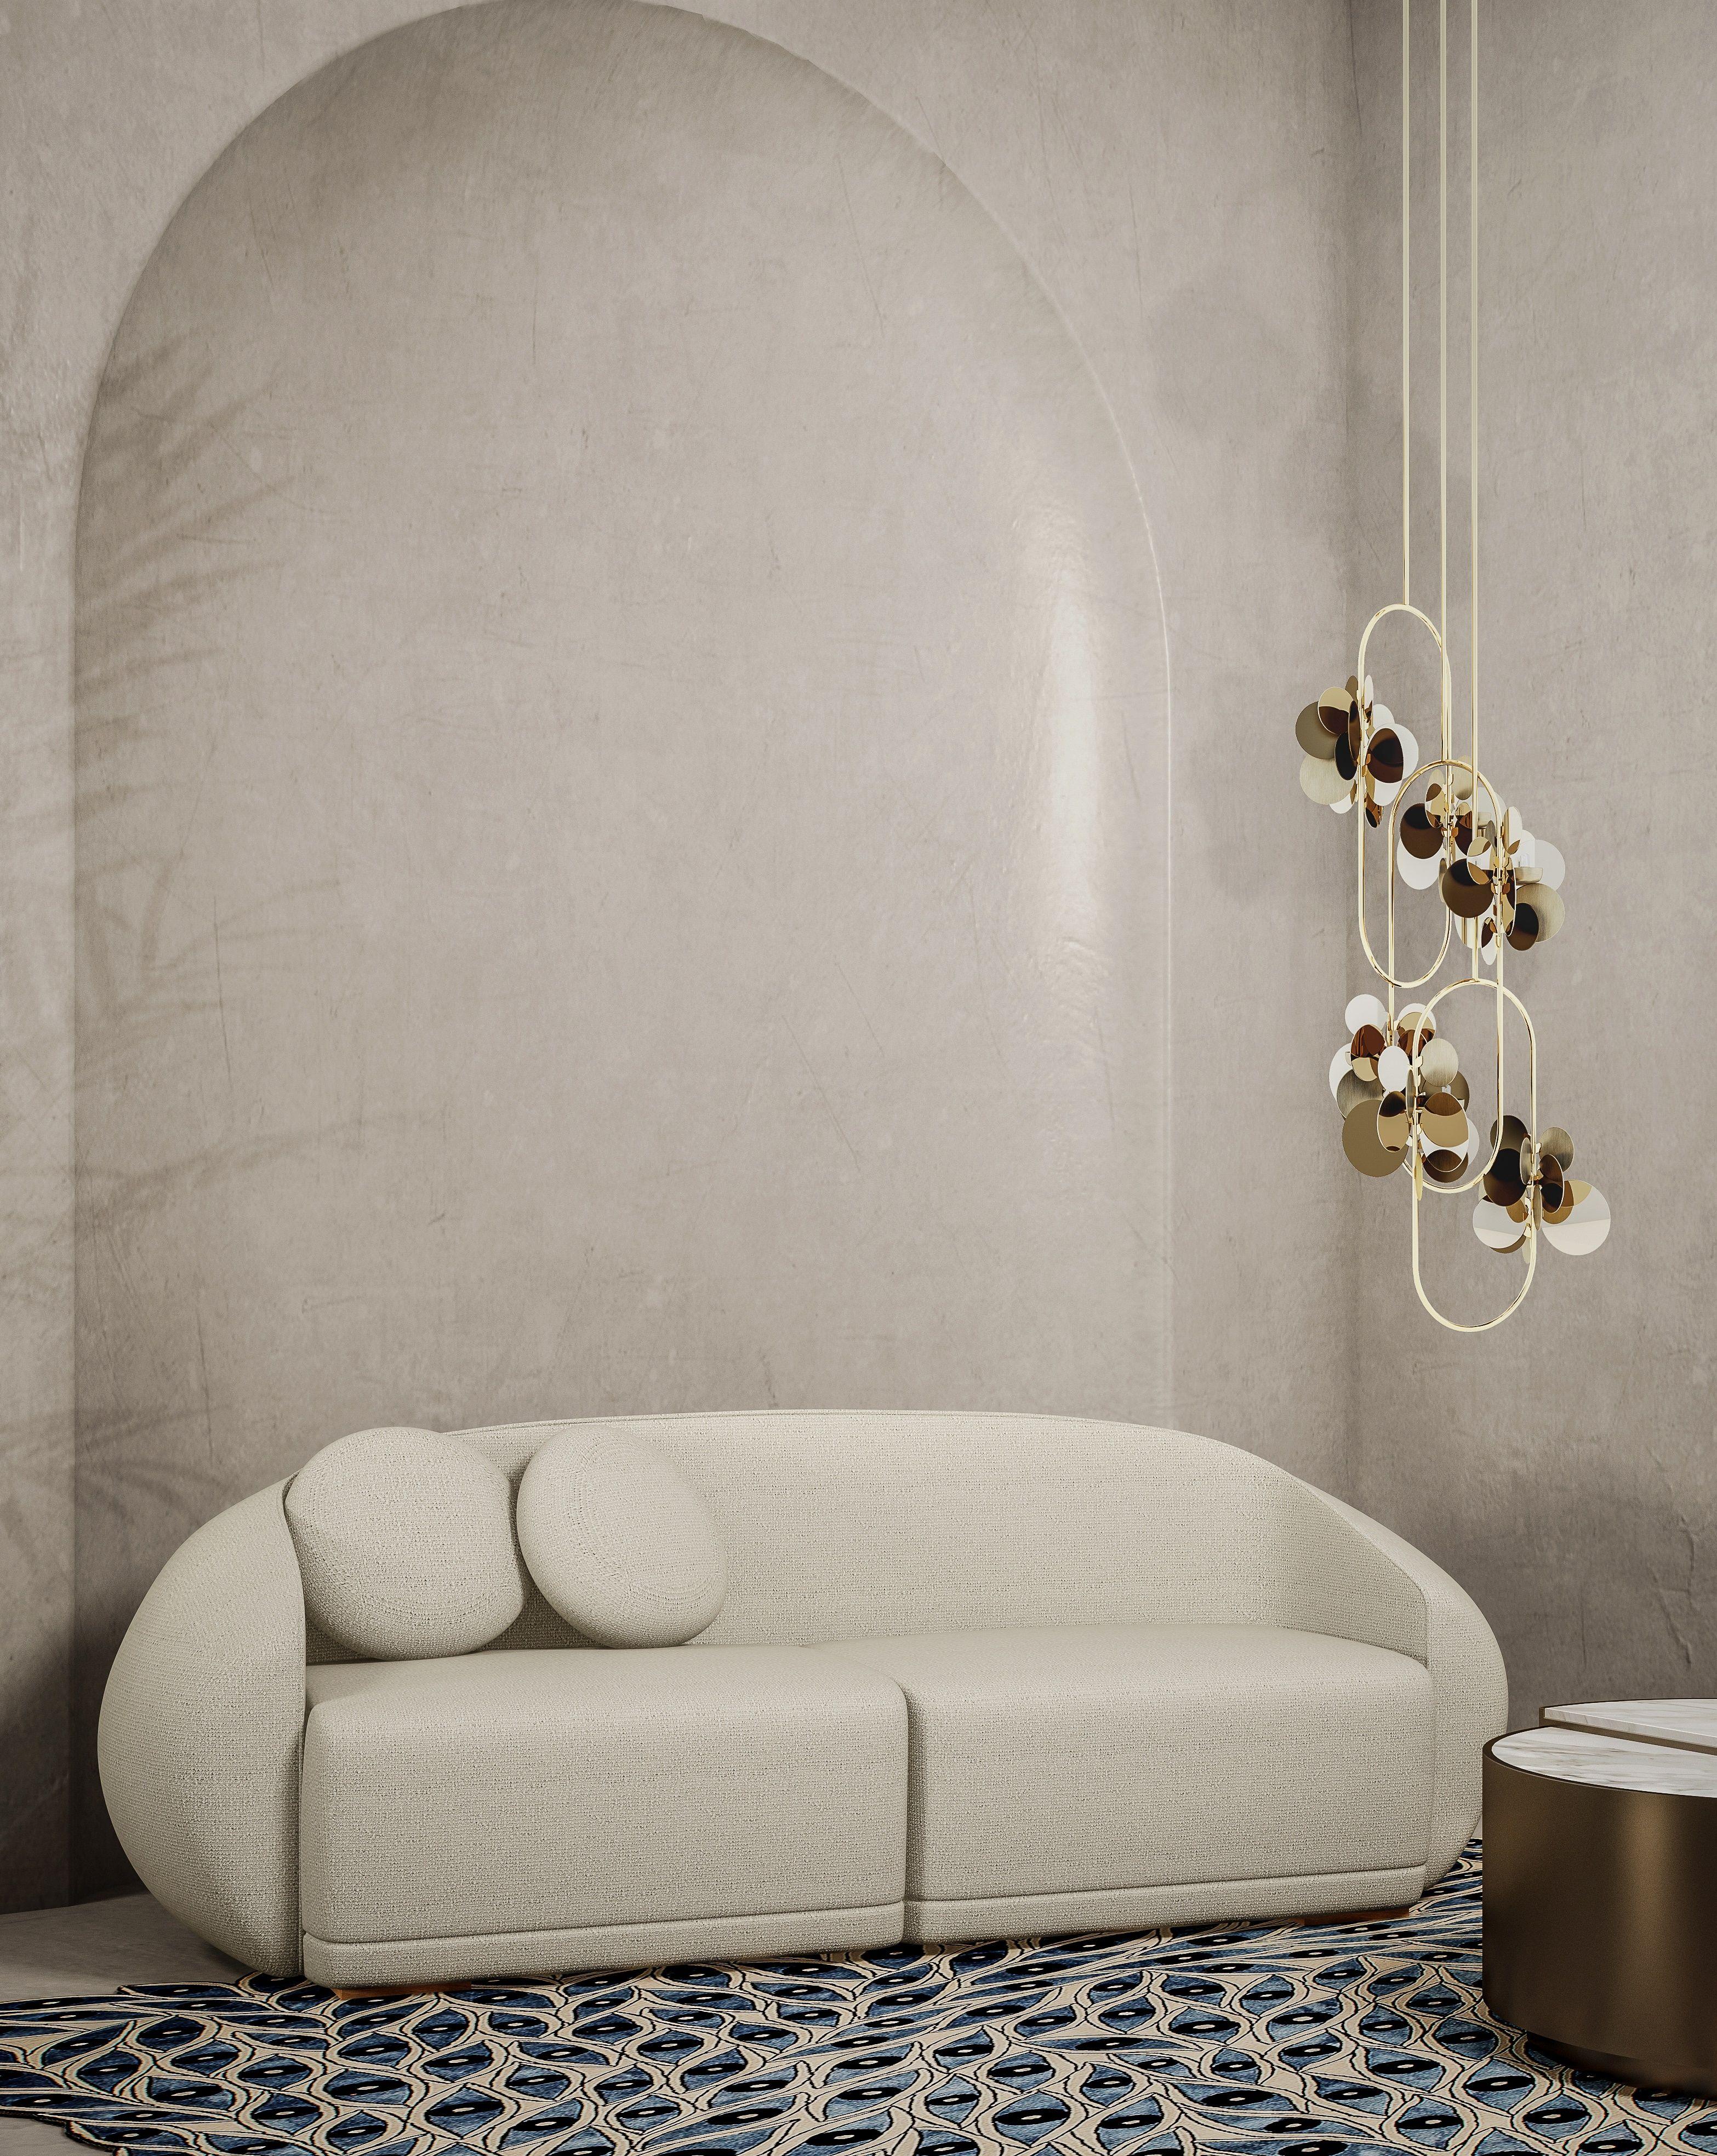 10 Interior Design Trends 2020 In 2020 Curvy Sofa Cheap Decor Easy Home Decor